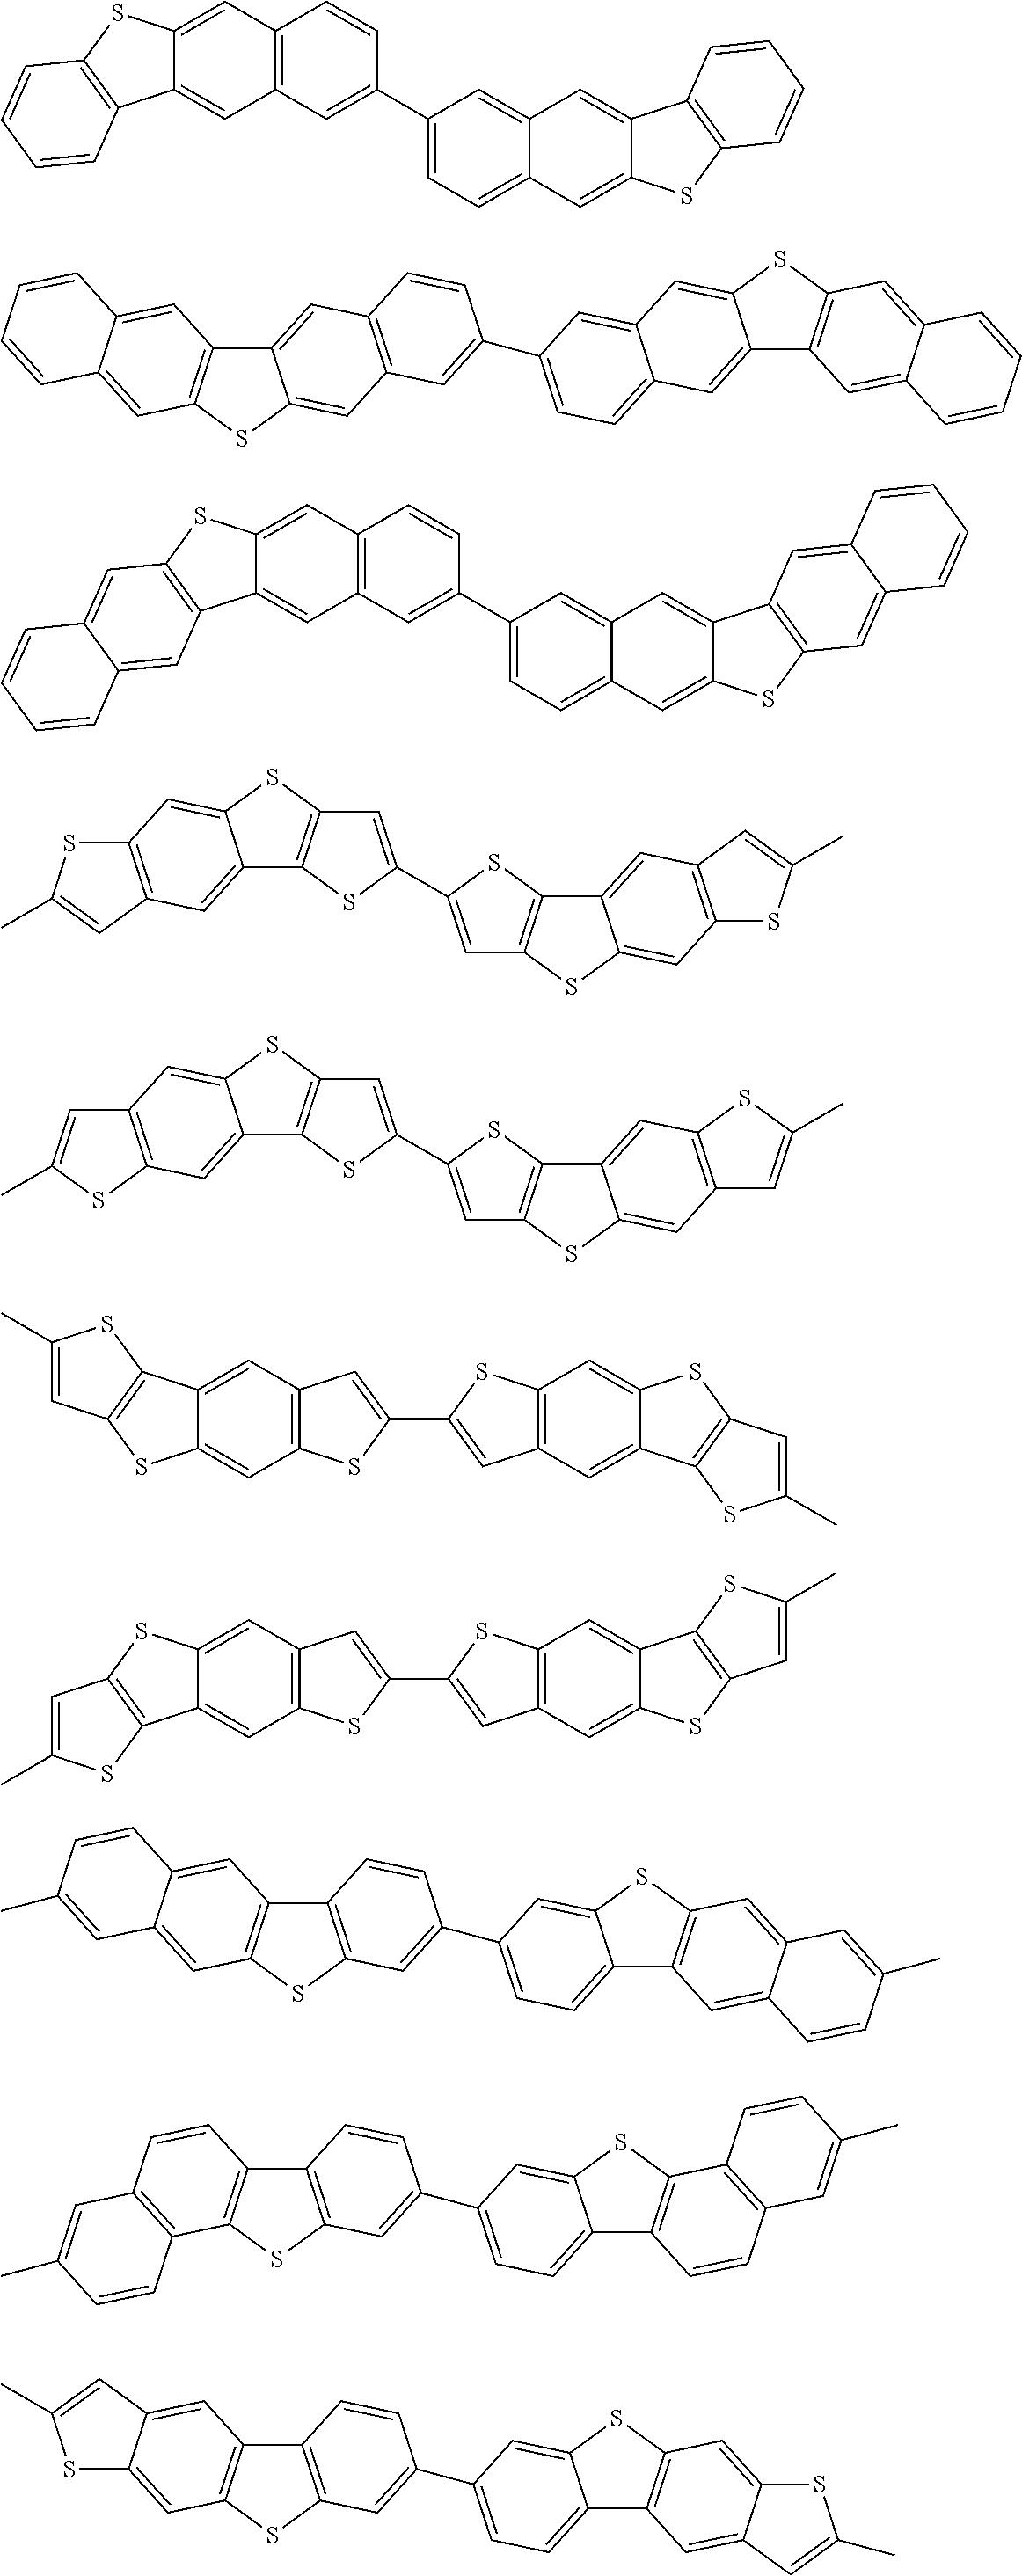 Figure US09985222-20180529-C00005